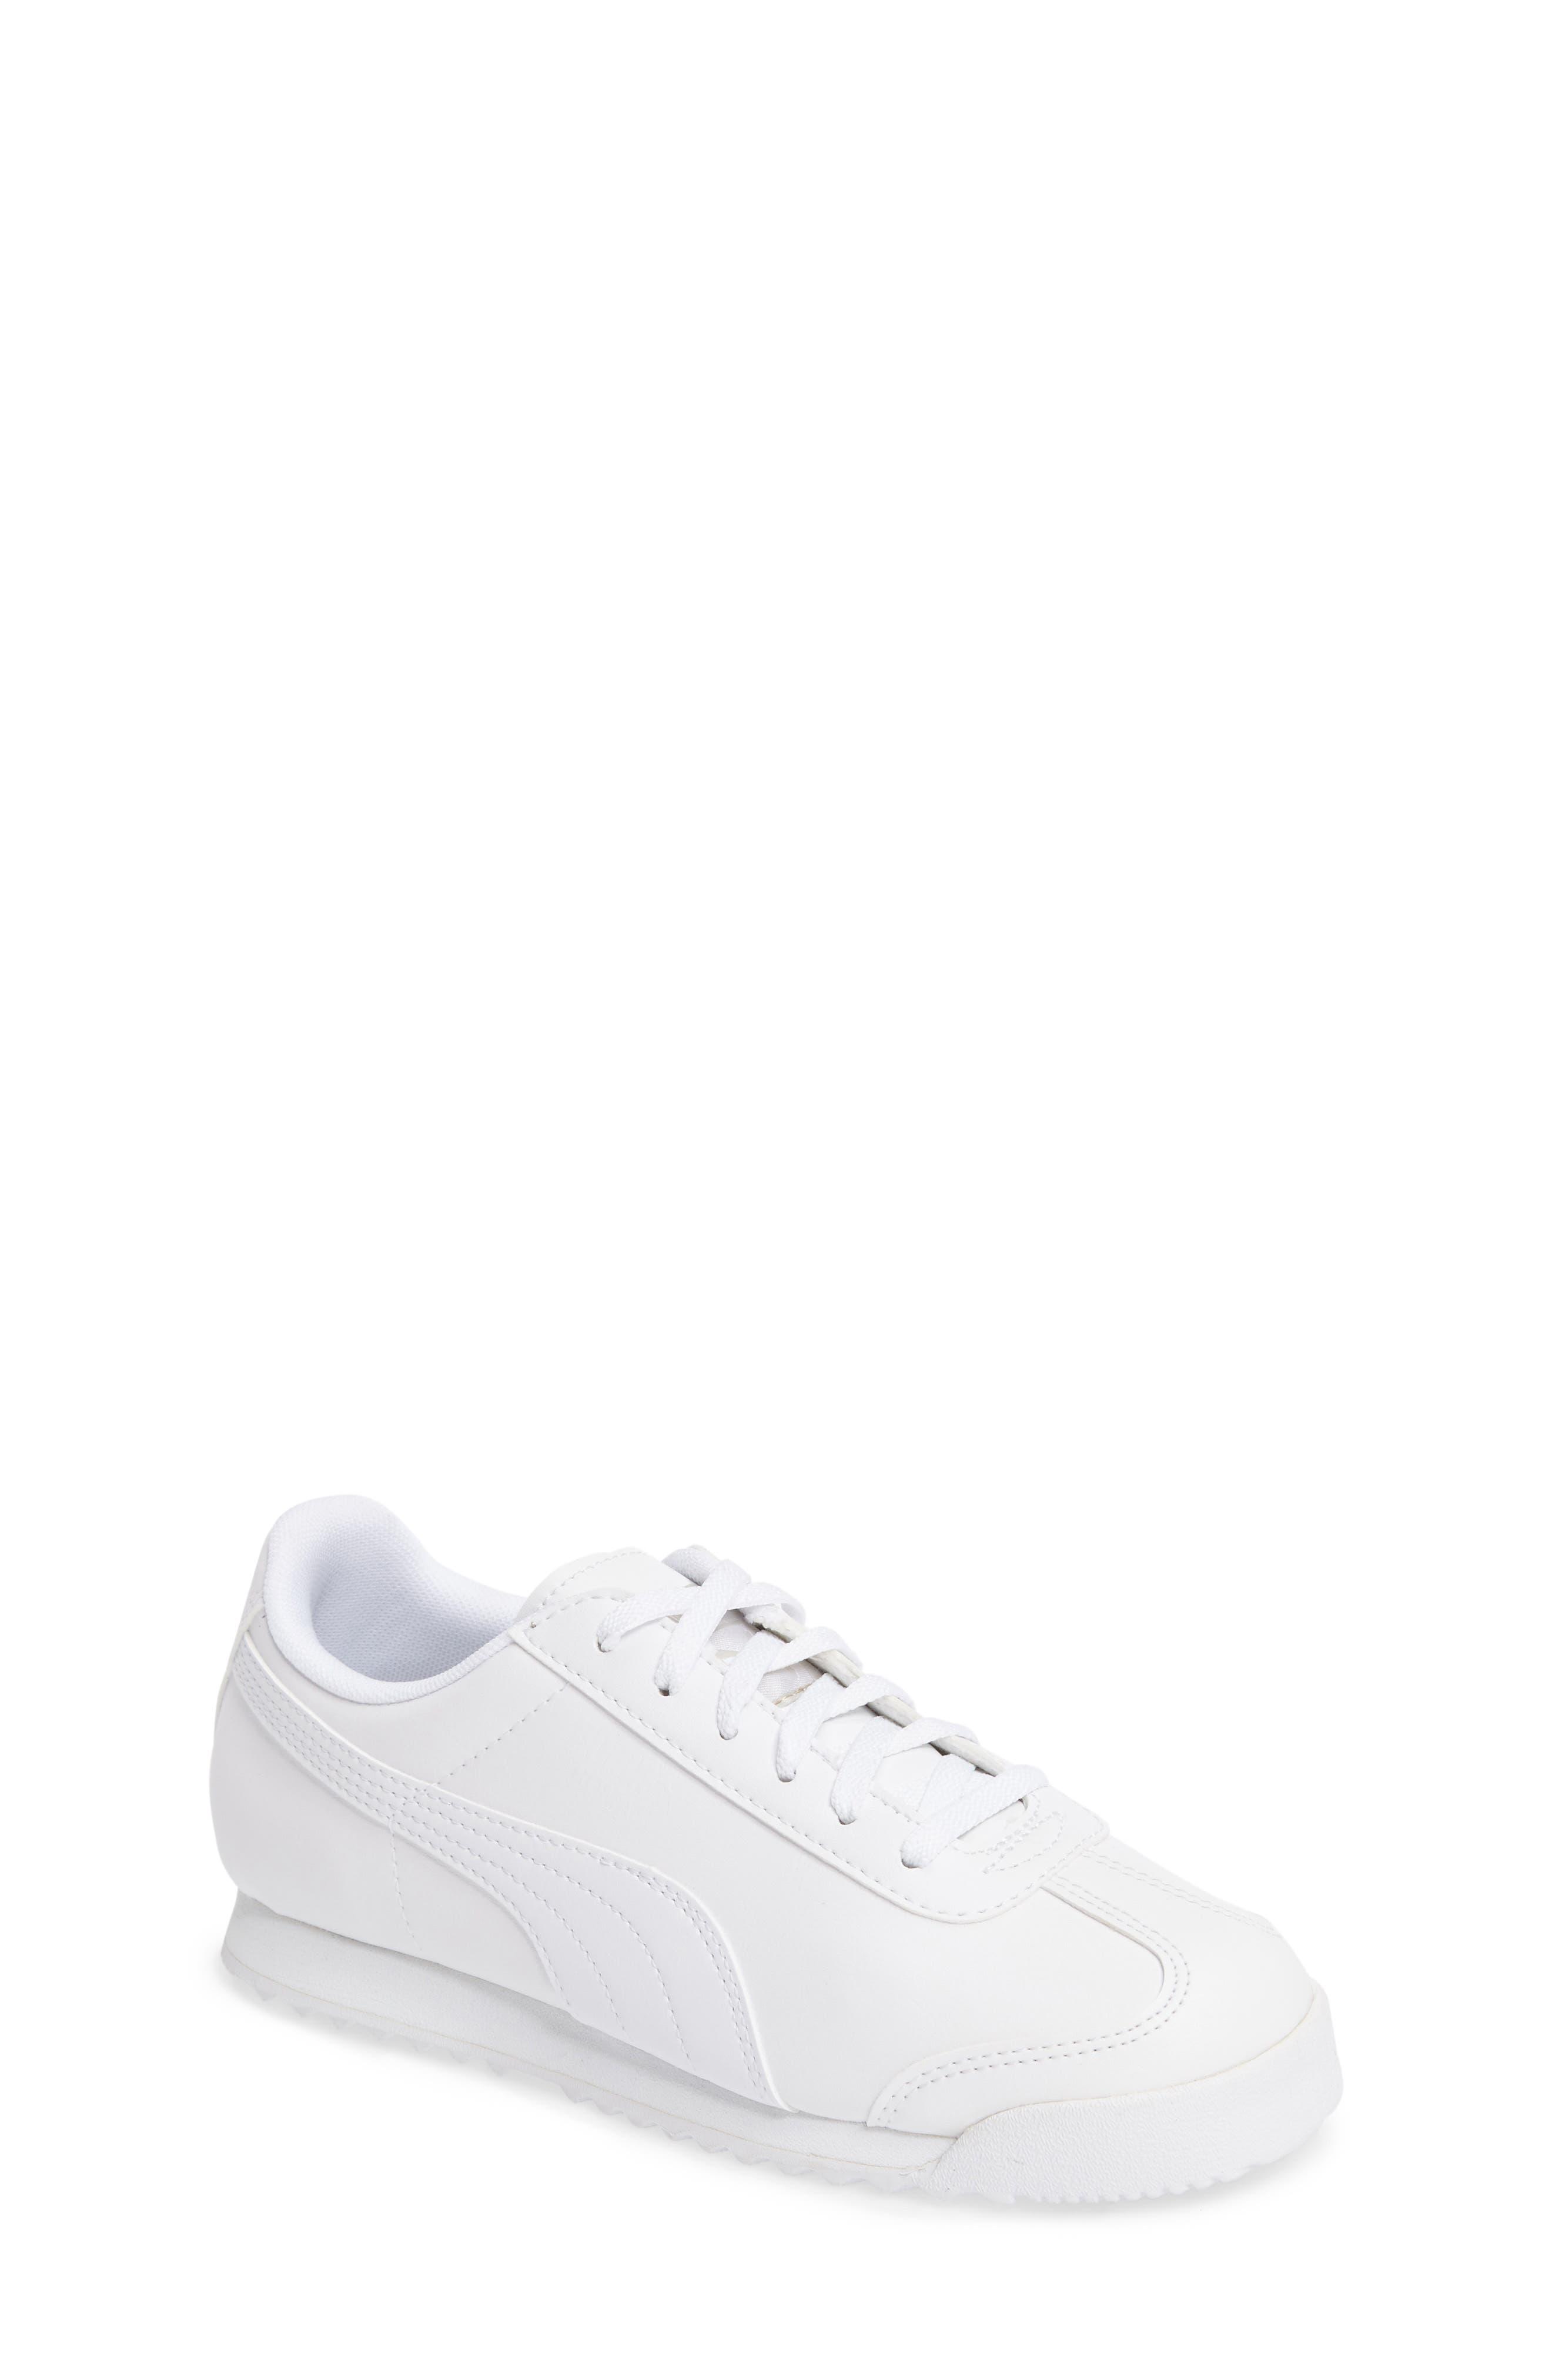 Roma Basic Sneaker,                         Main,                         color, White/ Light Grey